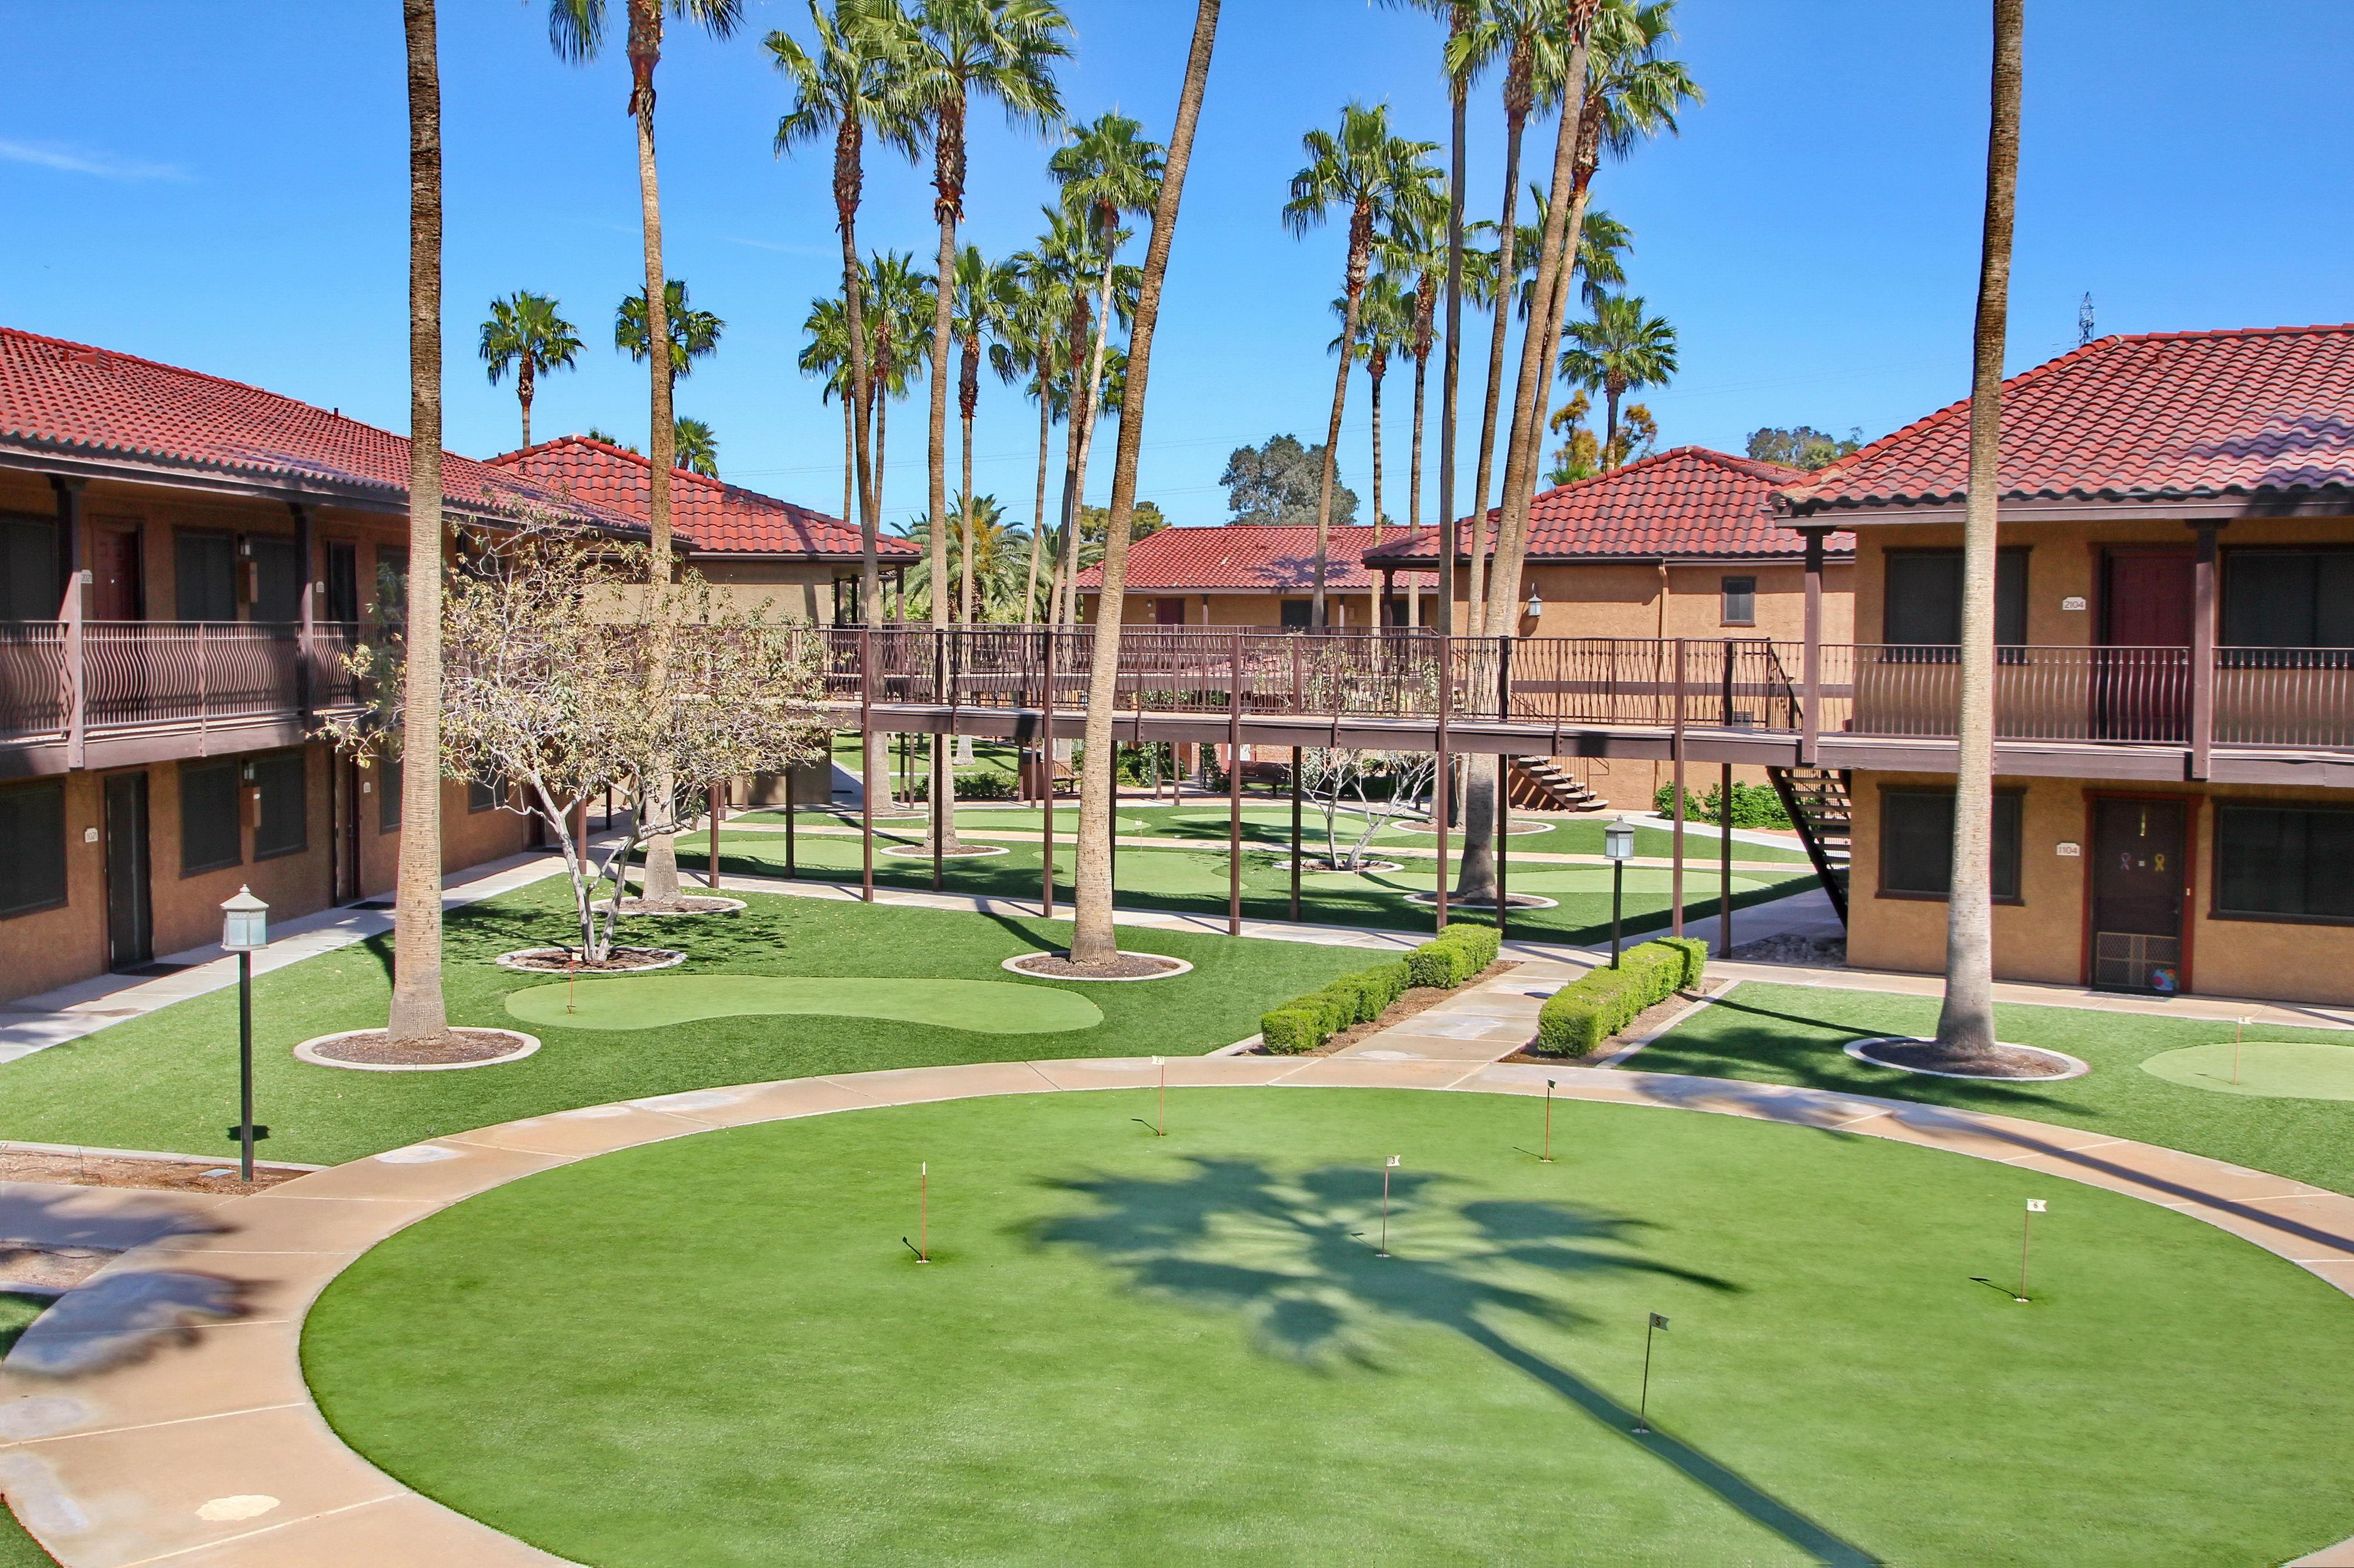 Mesa Royale Apartments